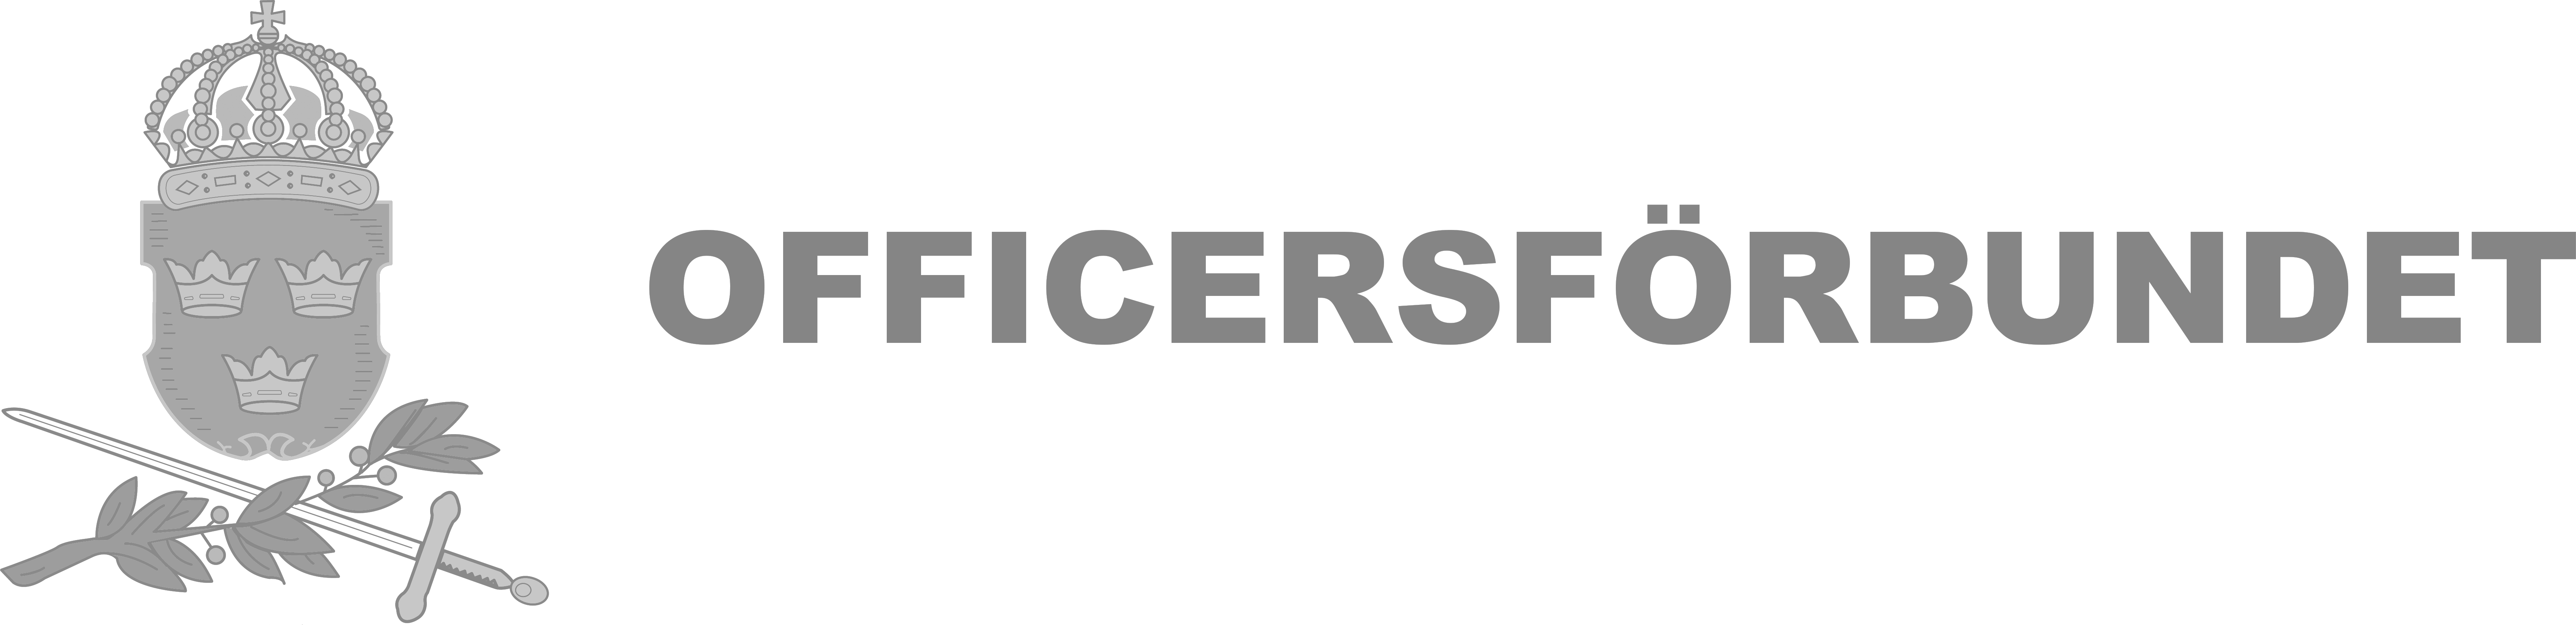 Officersförbundet_grå